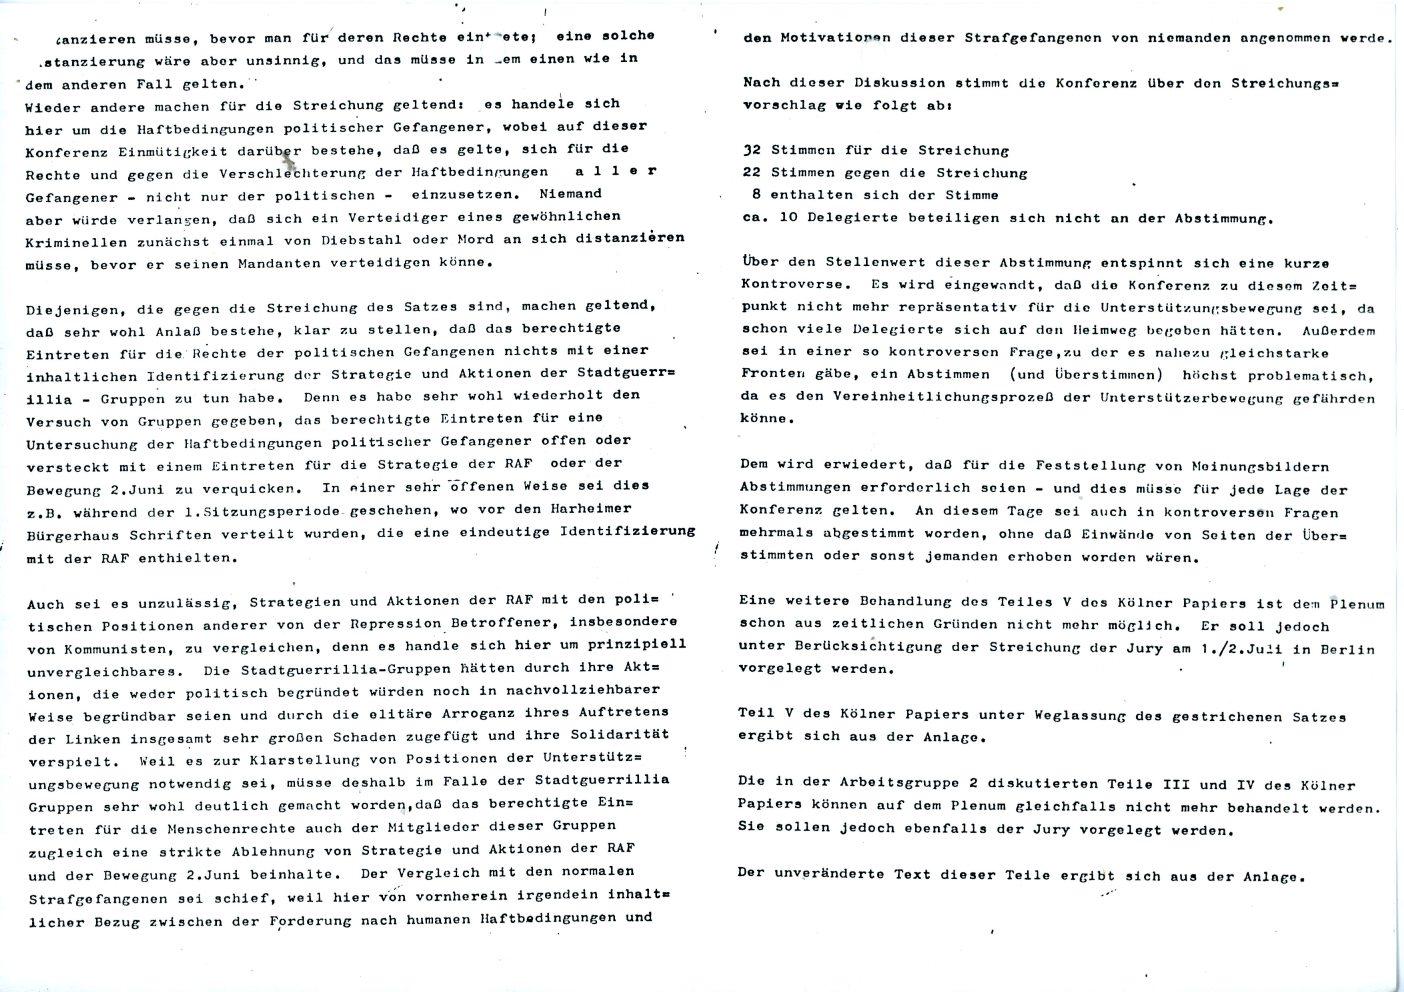 Frankfurt_Konferenz_der_Russell_Unterstuetzungsgruppen_19780624_04